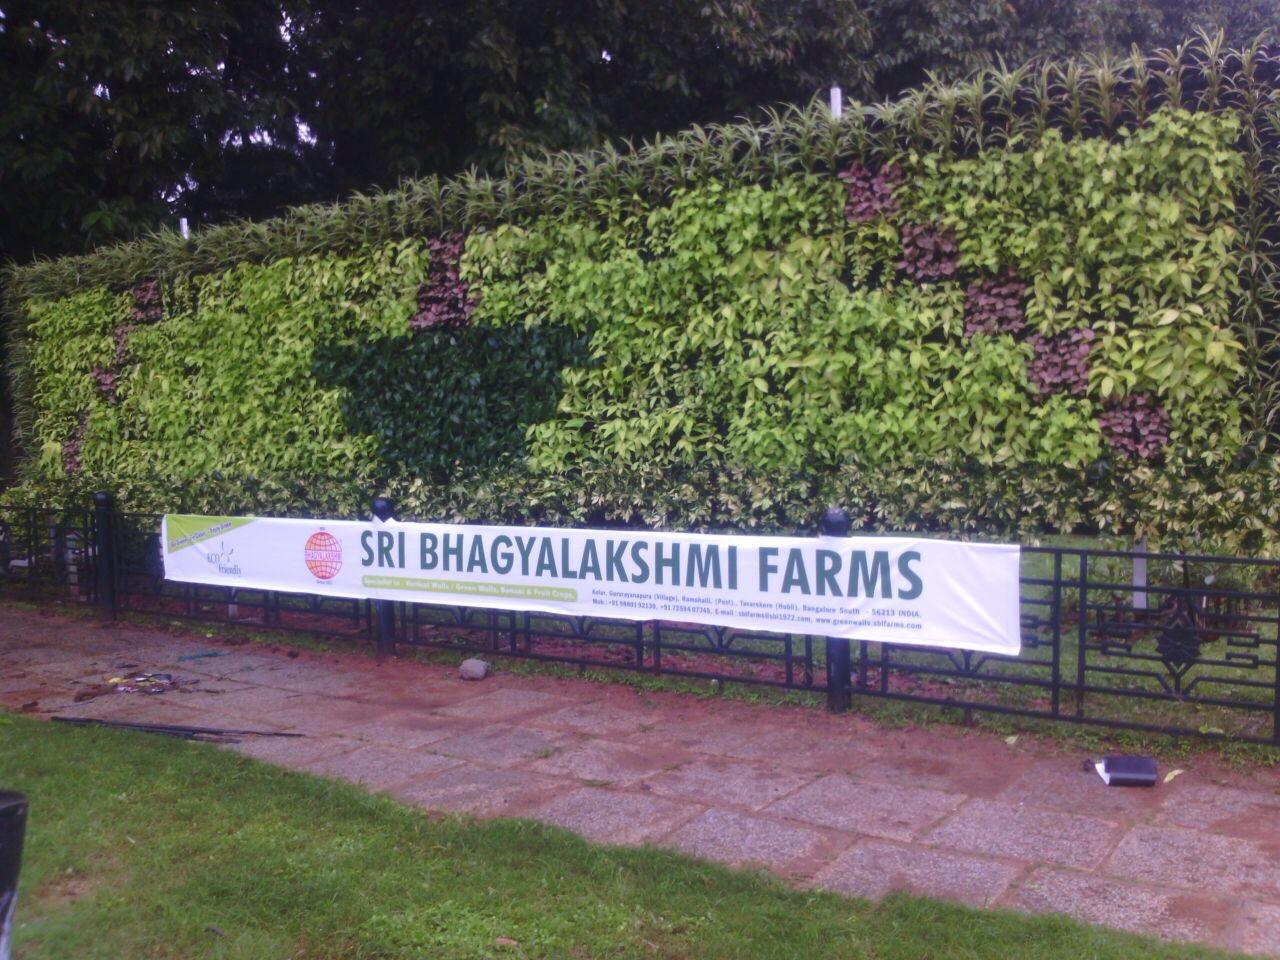 Sri Bhagyalakshmi Farms